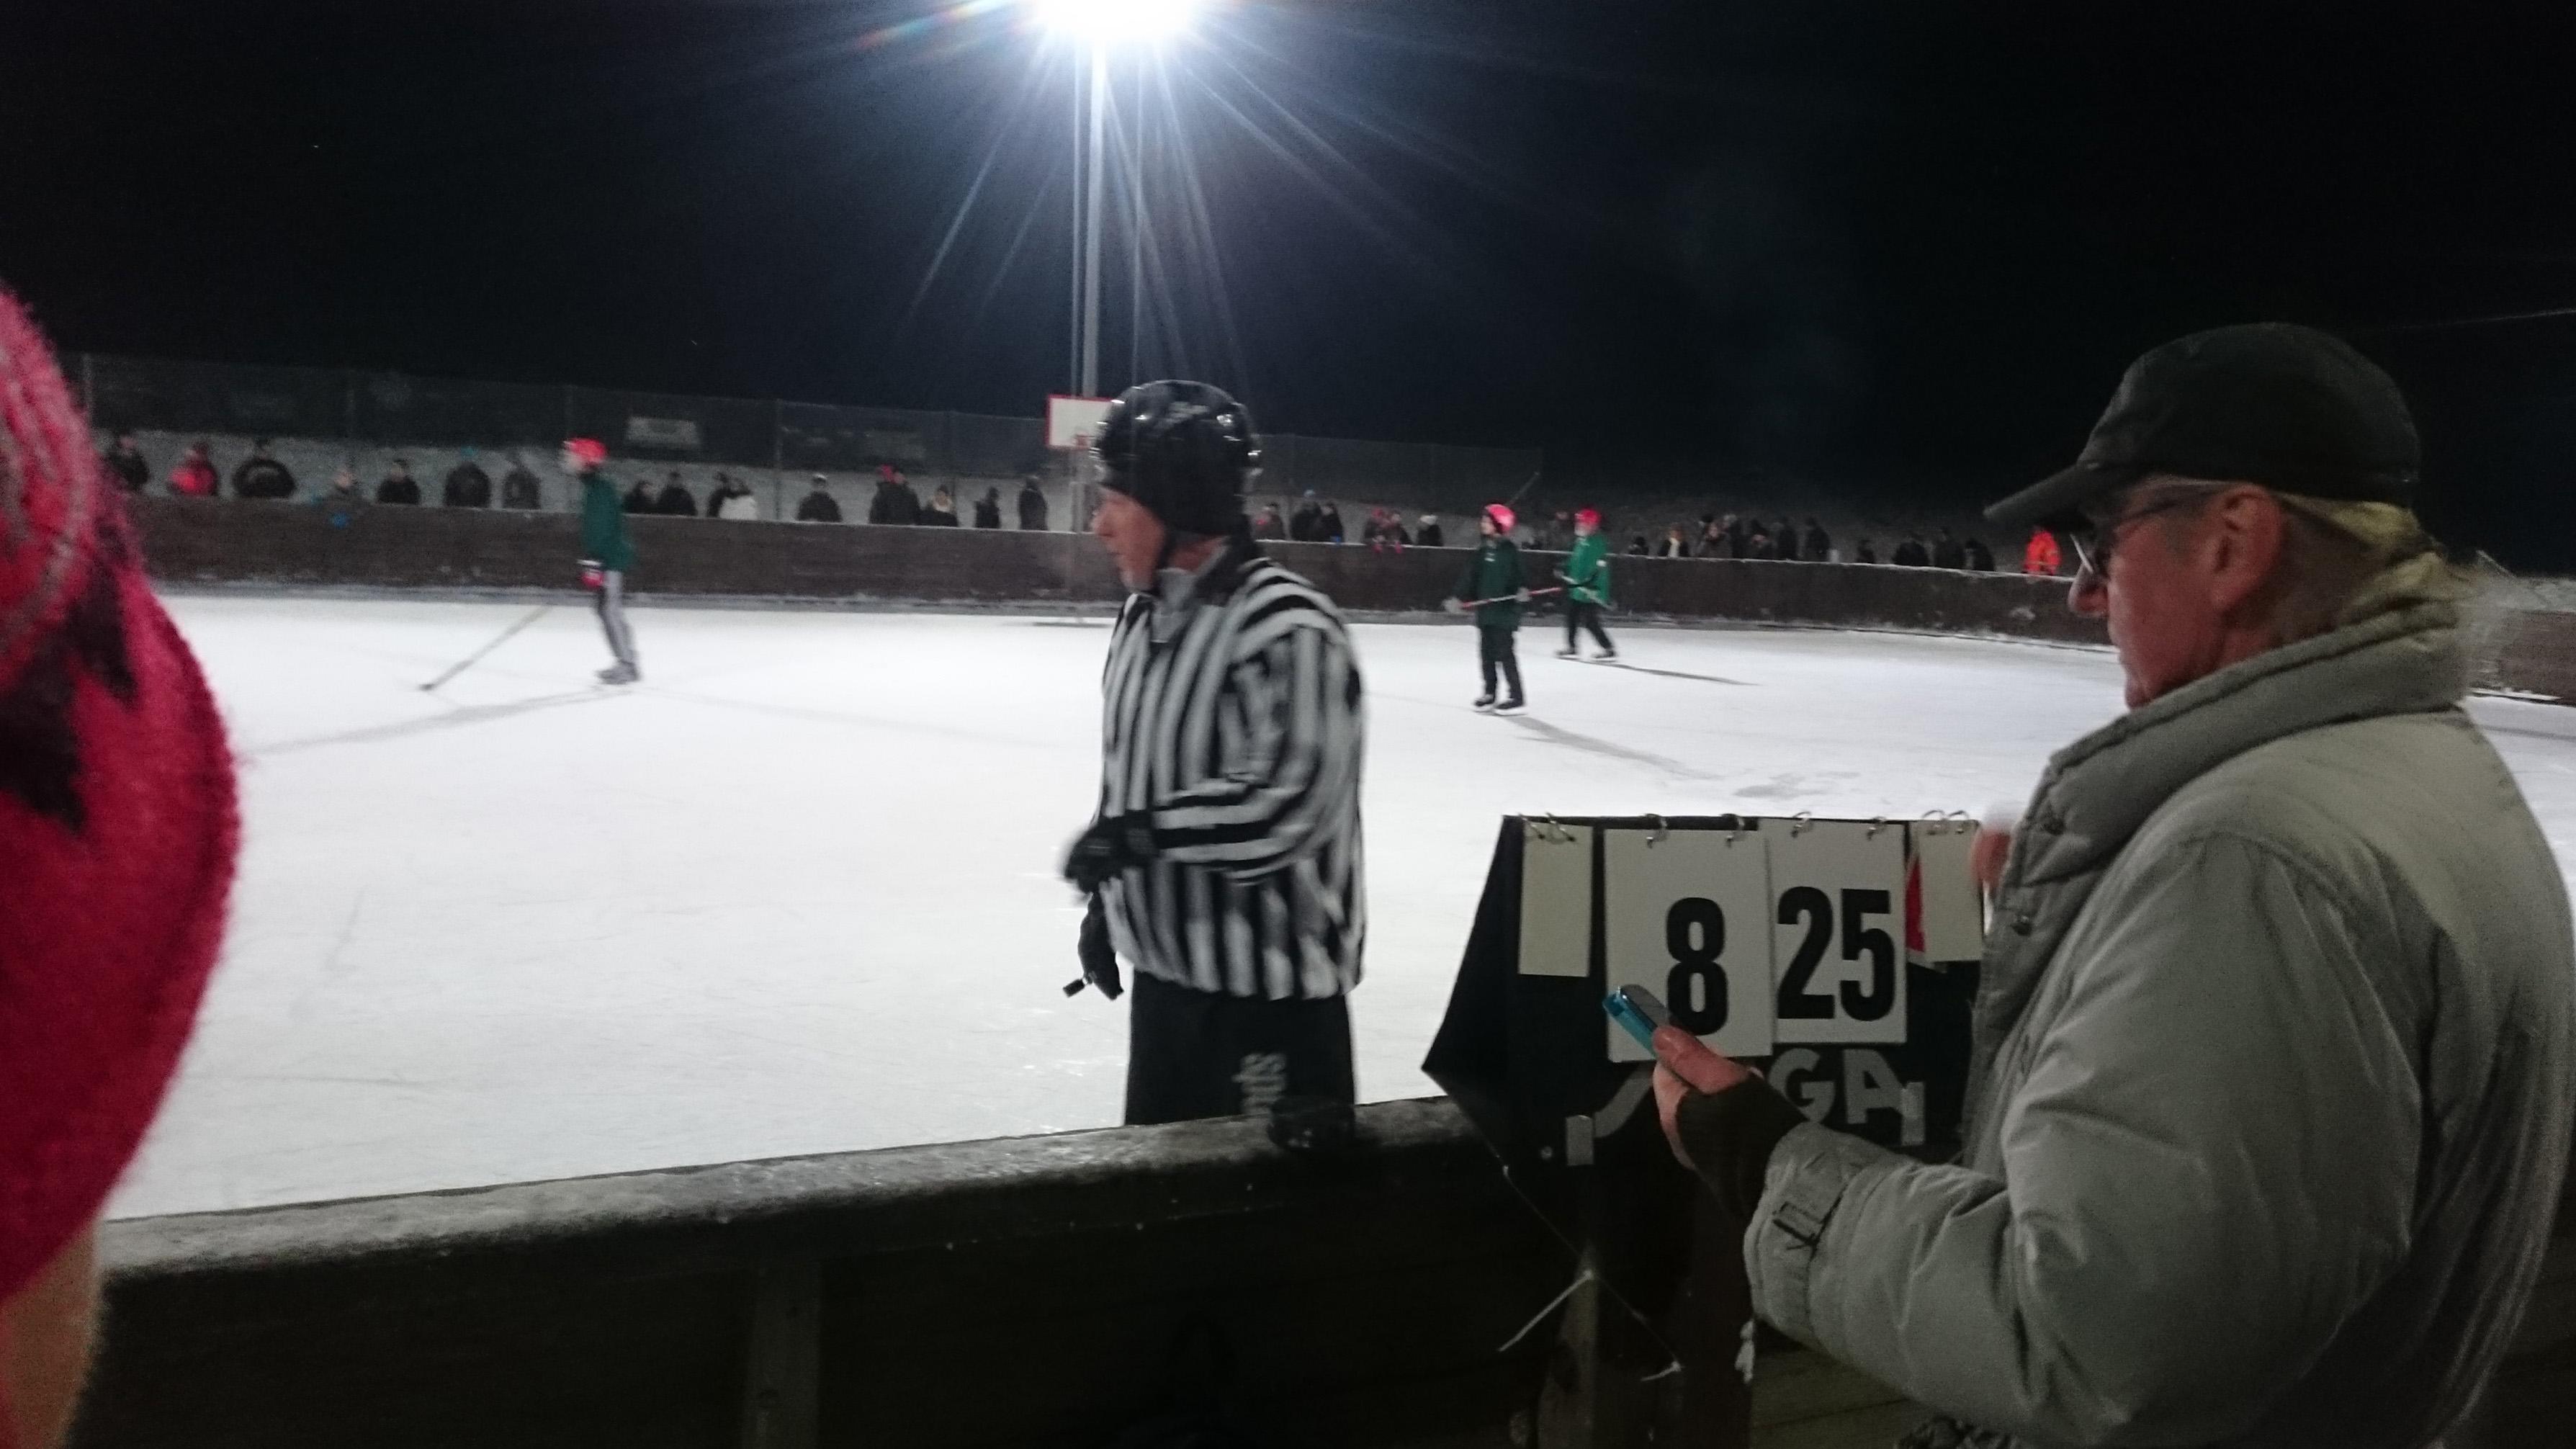 Hockeyderbyt mellan Brösarp och Maglehem slutade med en förkrossande hemmaseger för Brösarp, 25-8.